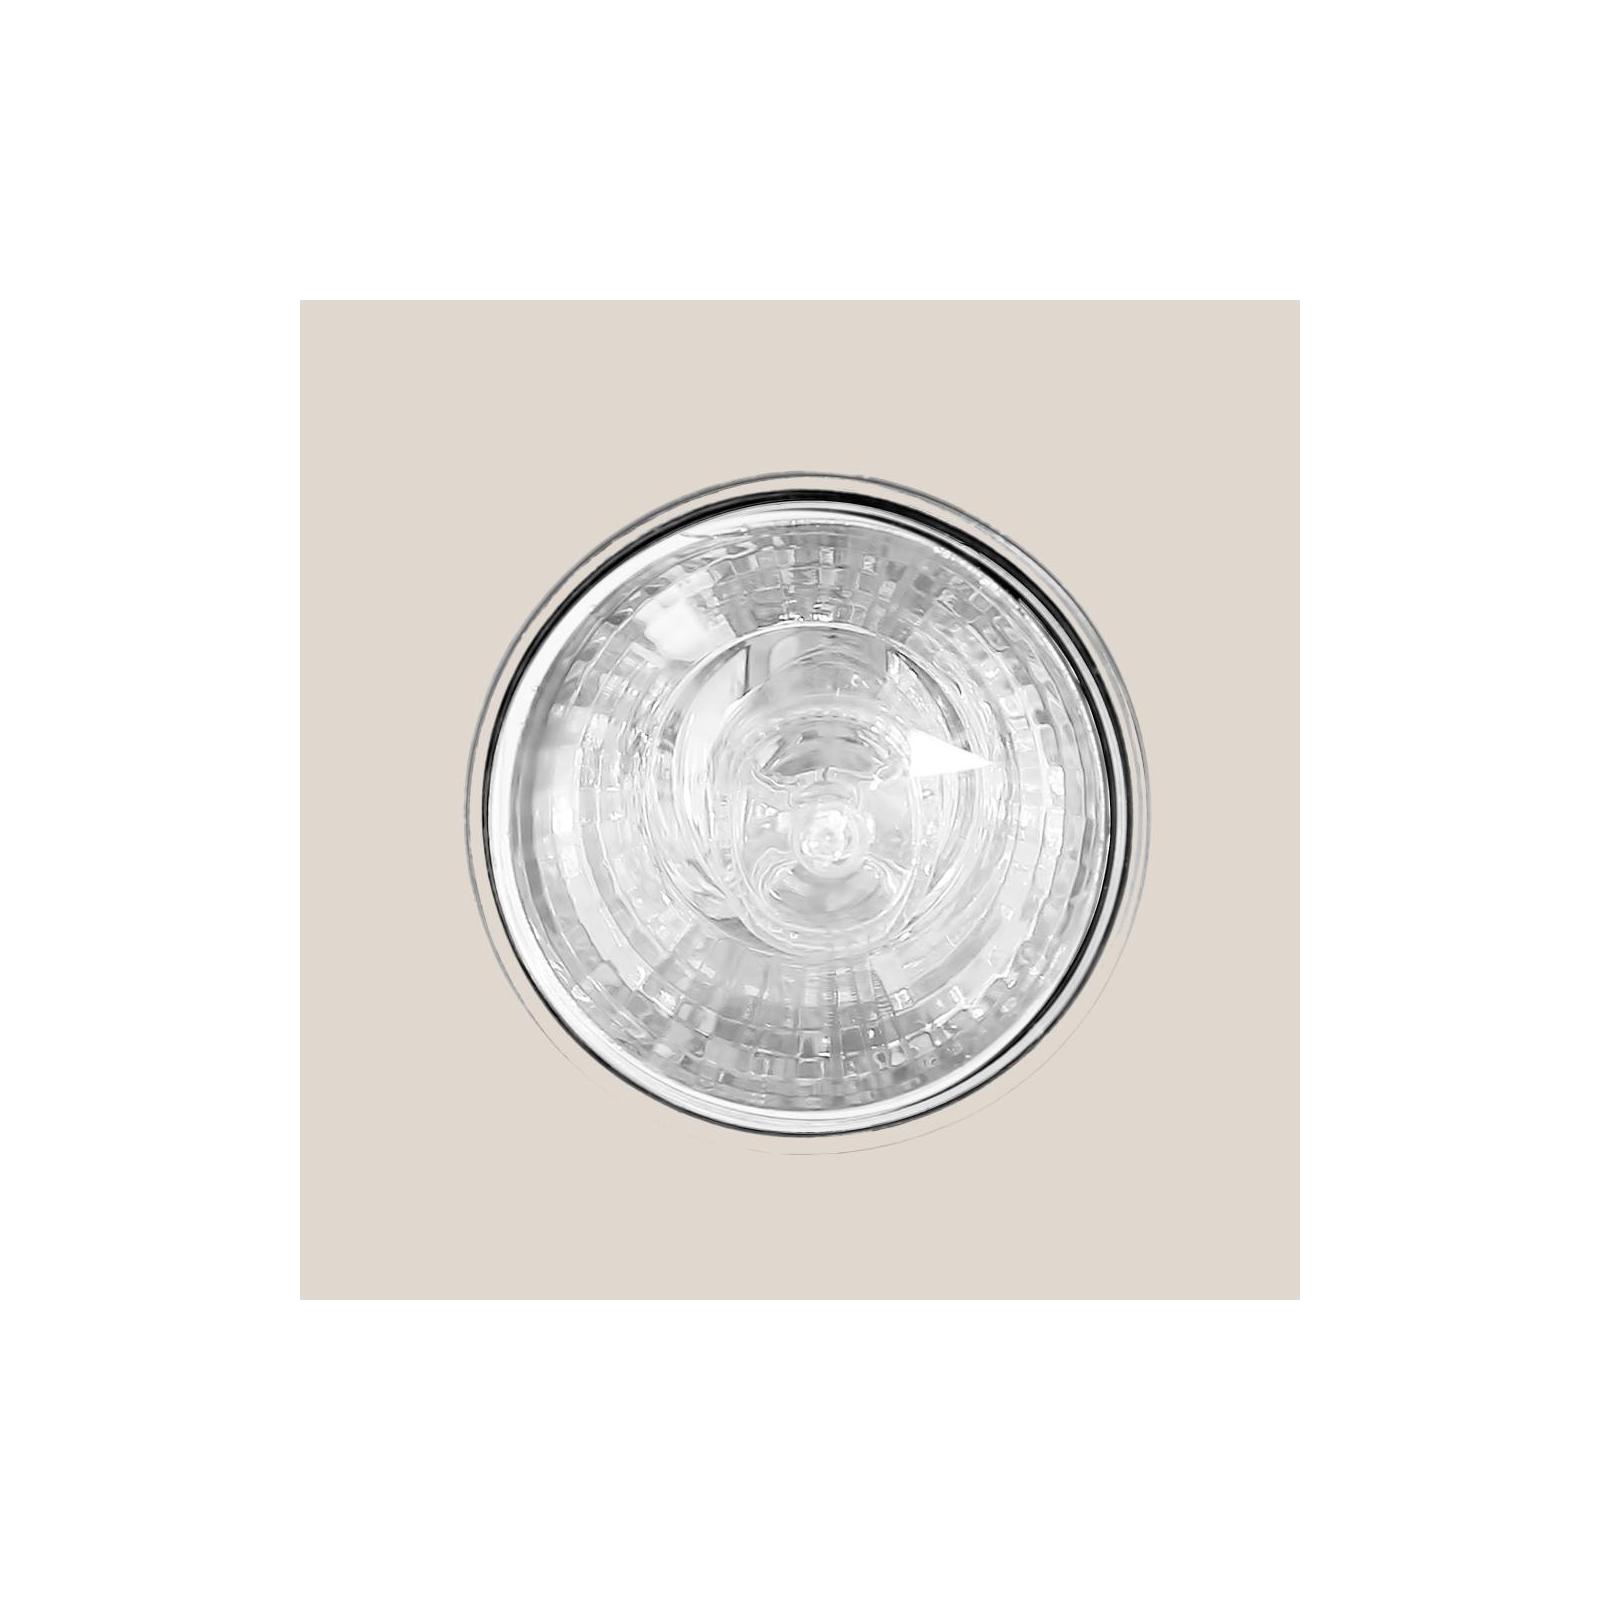 Вытяжка кухонная PERFELLI DN 6671 A 1000 IV изображение 7